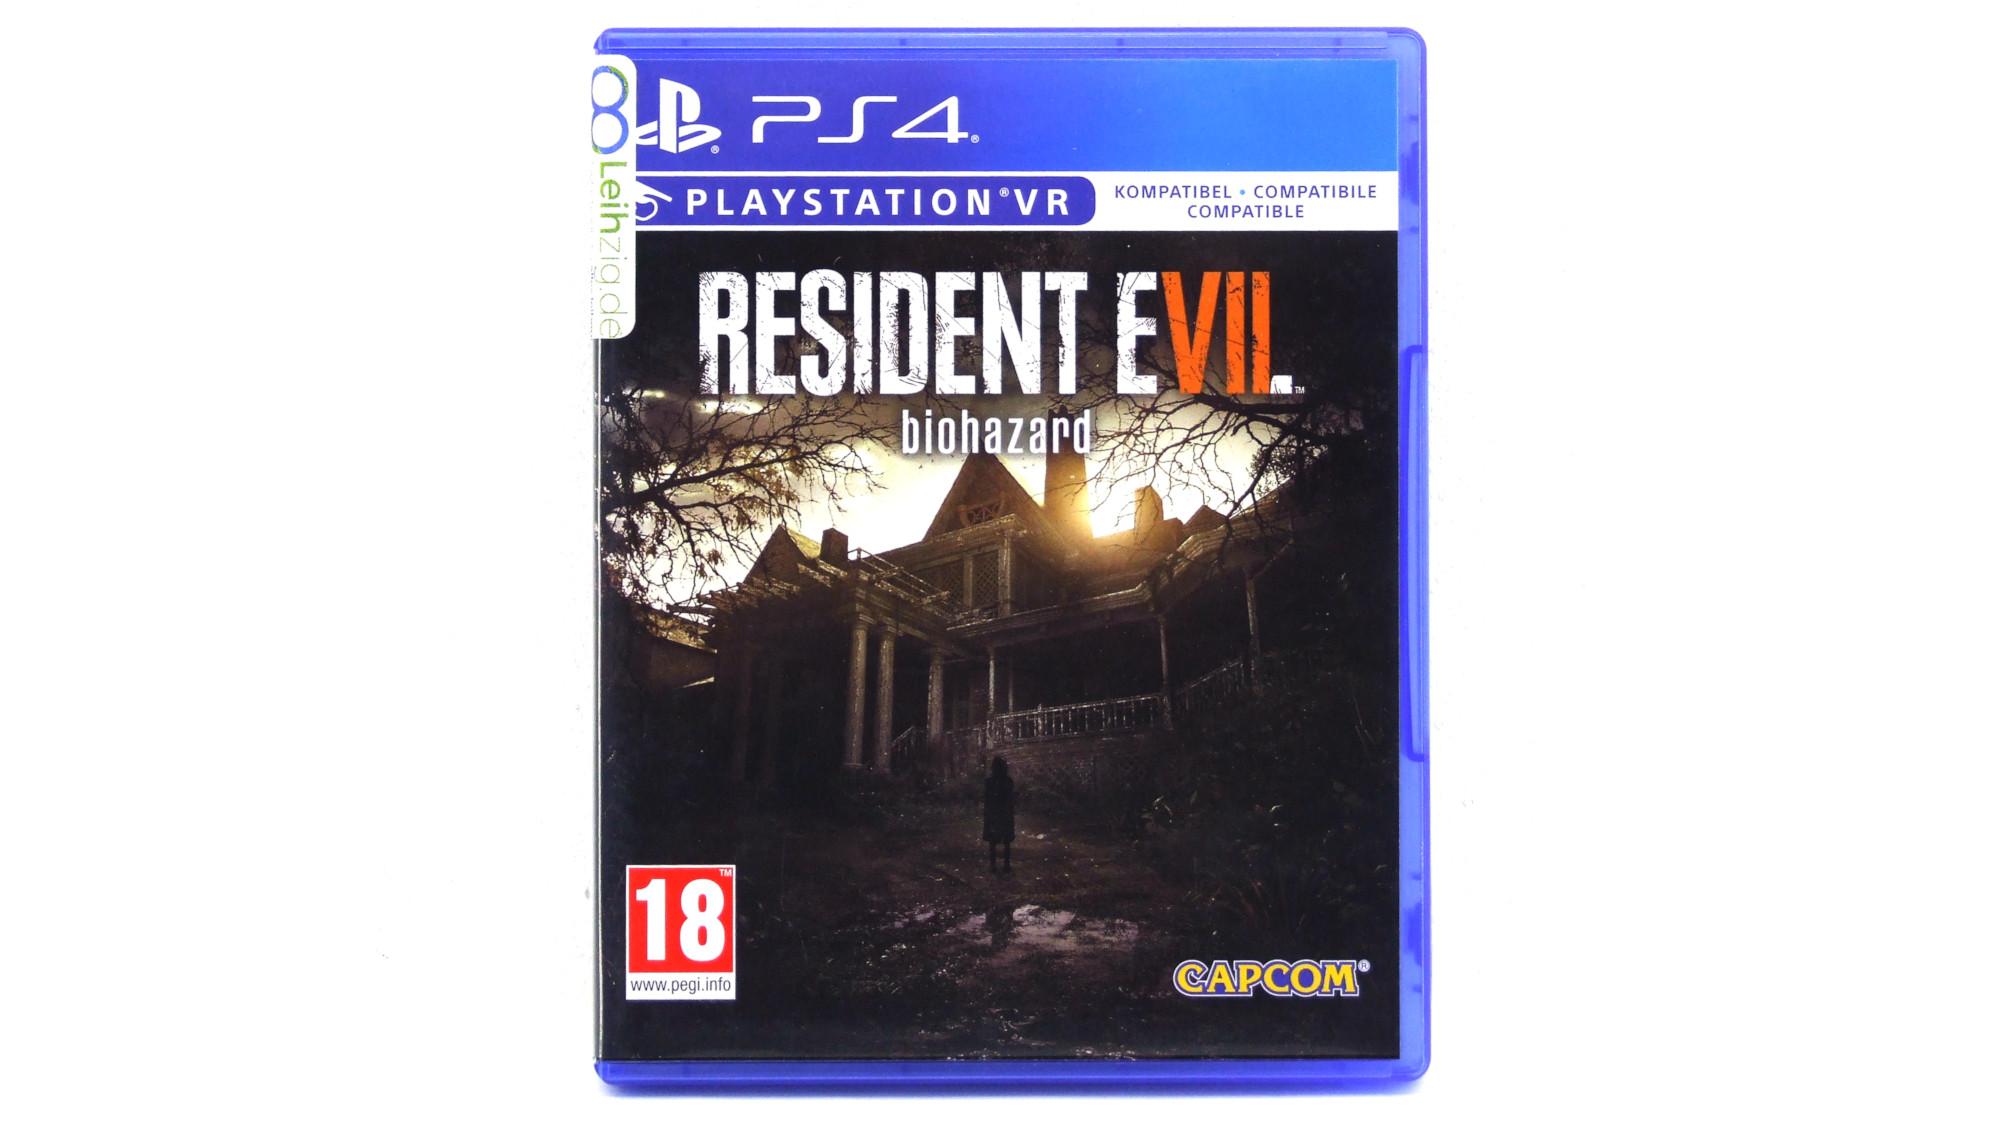 Spiel: Resident Evil VII biohazard leihen